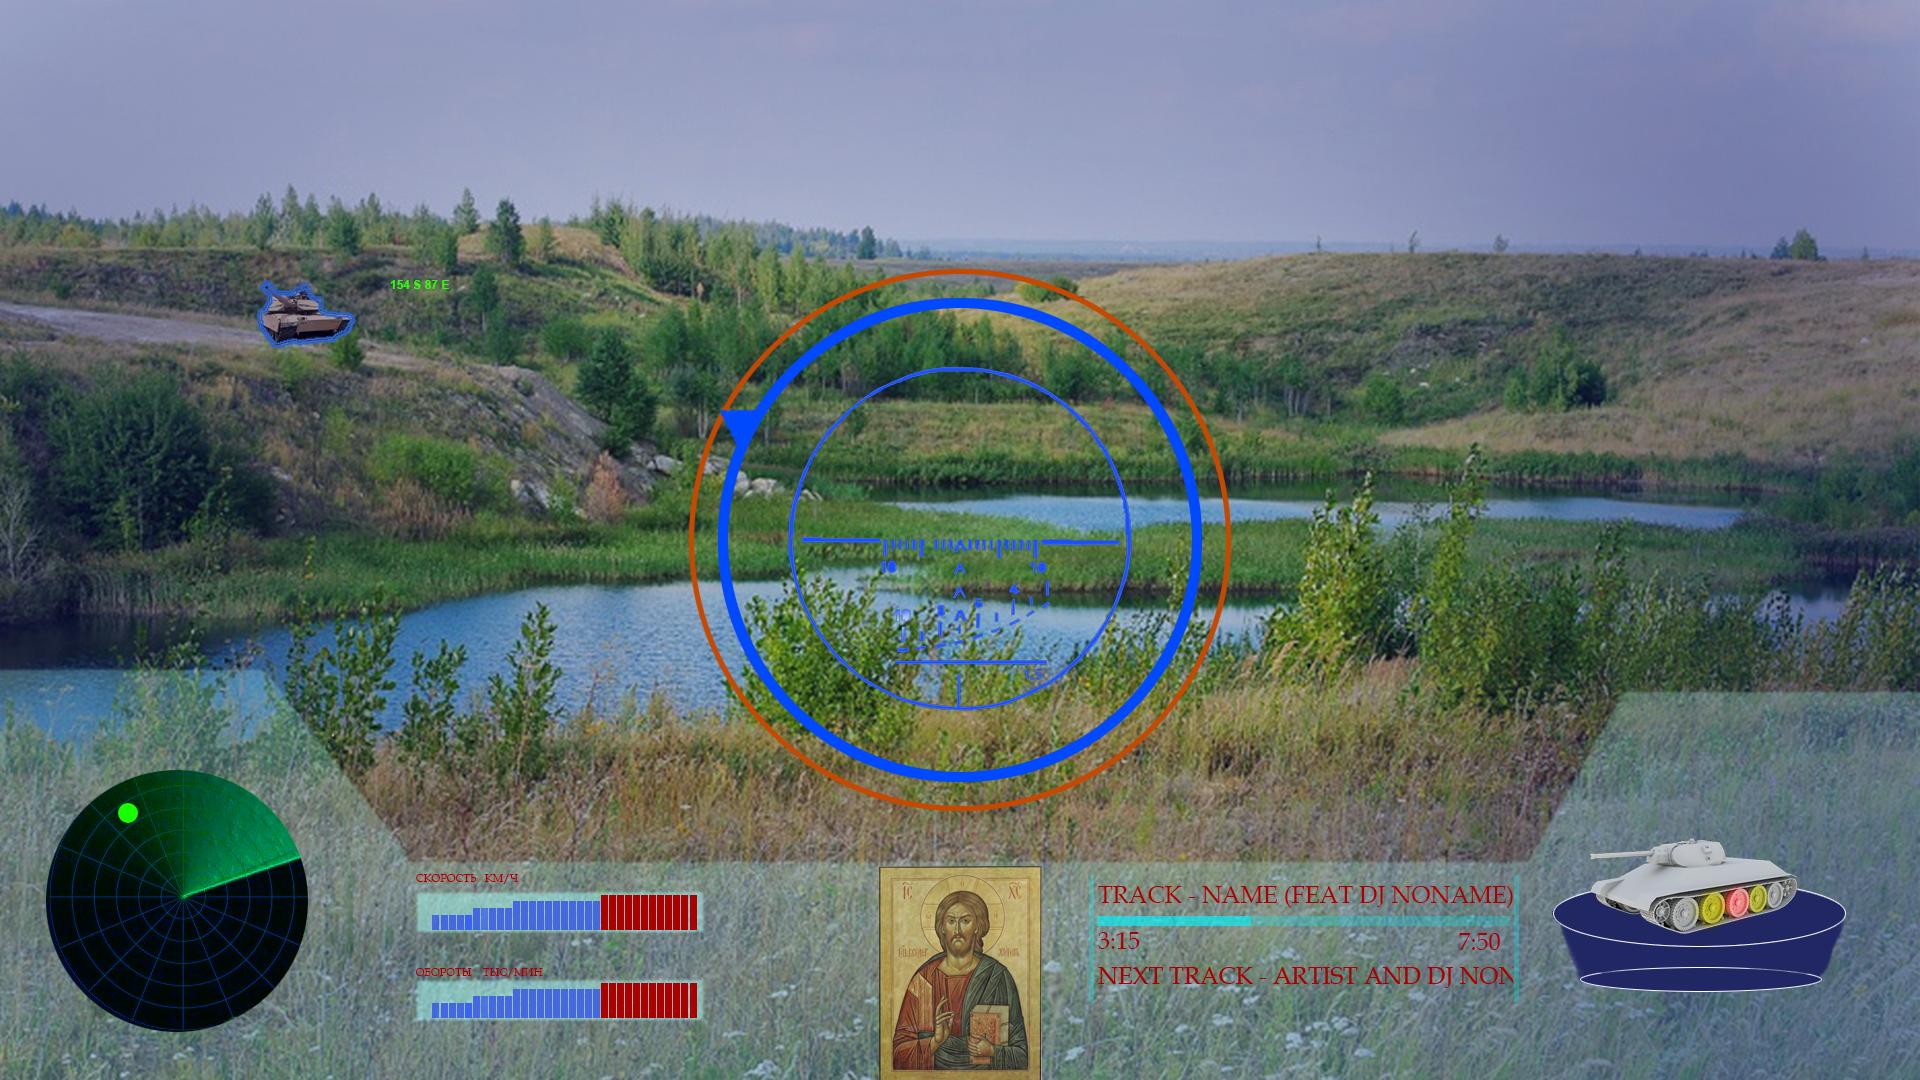 Как я вижу интерфейс своего танка. - Изображение 1